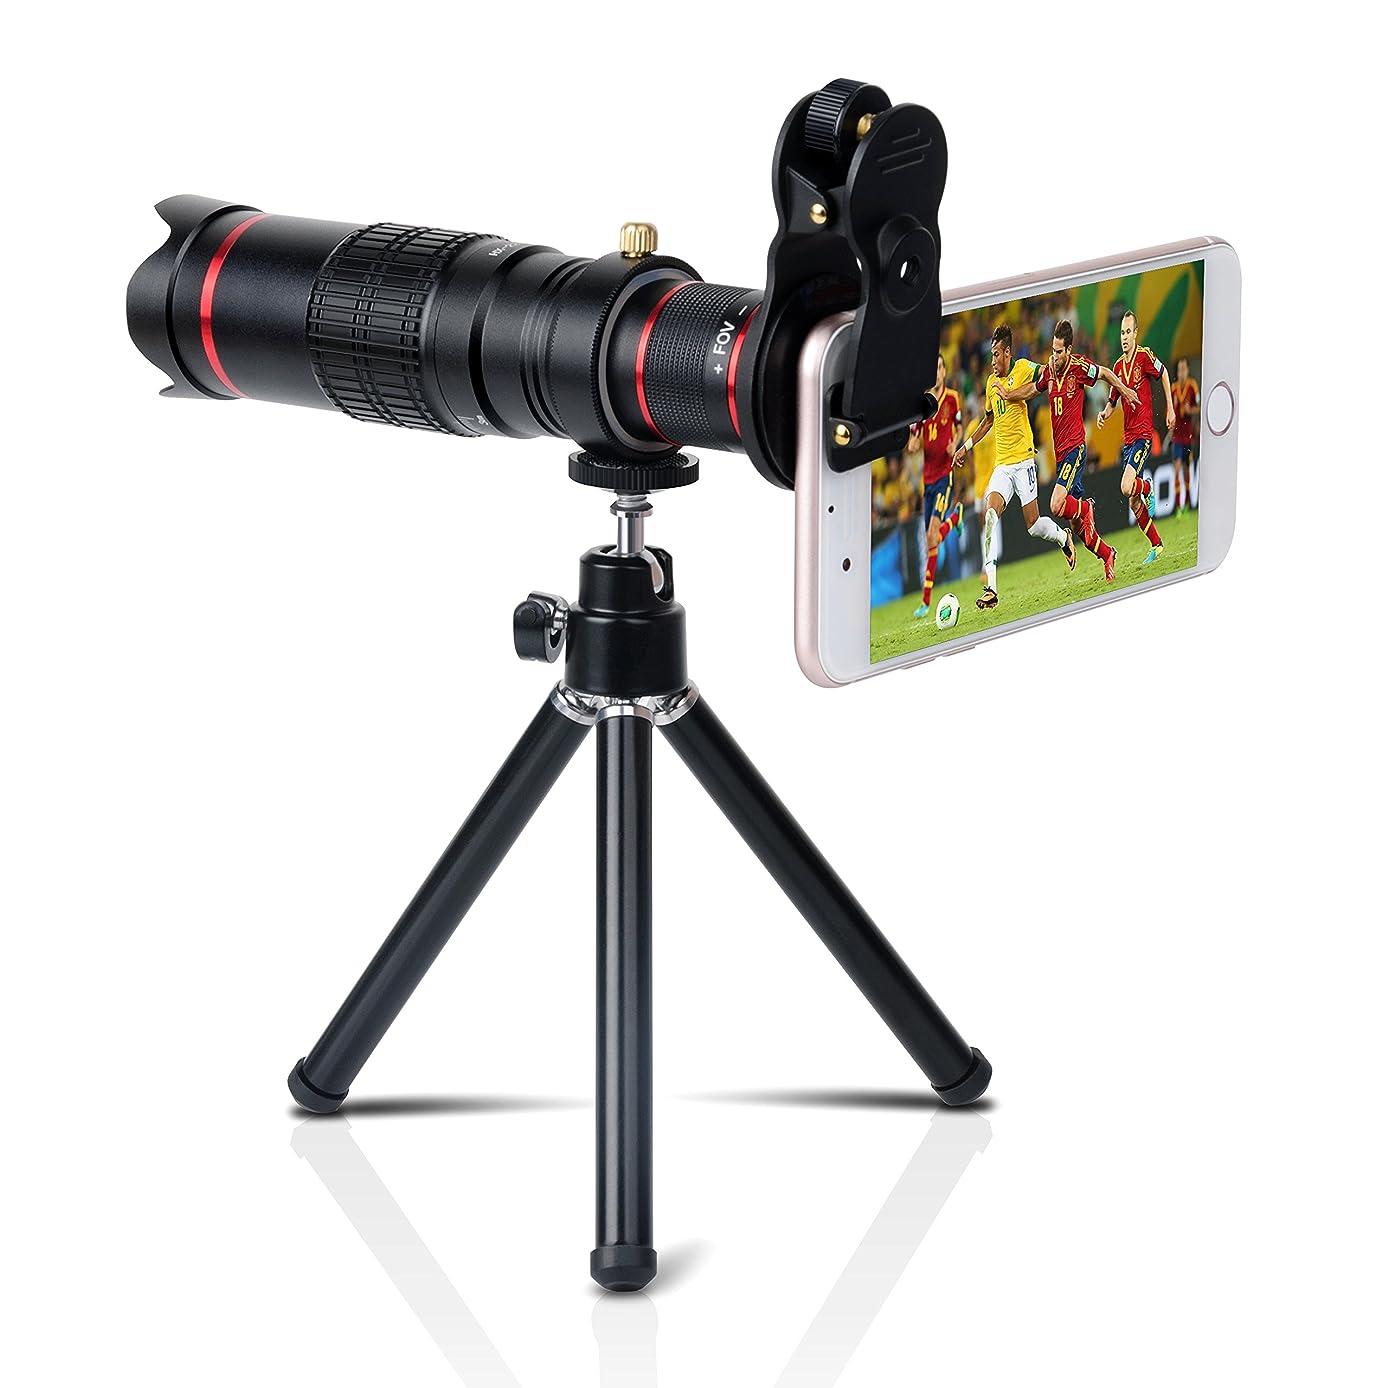 マルクス主義包括的ナチュラルYarrashop 22倍 HDスマホ望遠レンズ 高画質クリップ式 iphone用 android用 単眼鏡 三脚付き ブラック 安心保証付き